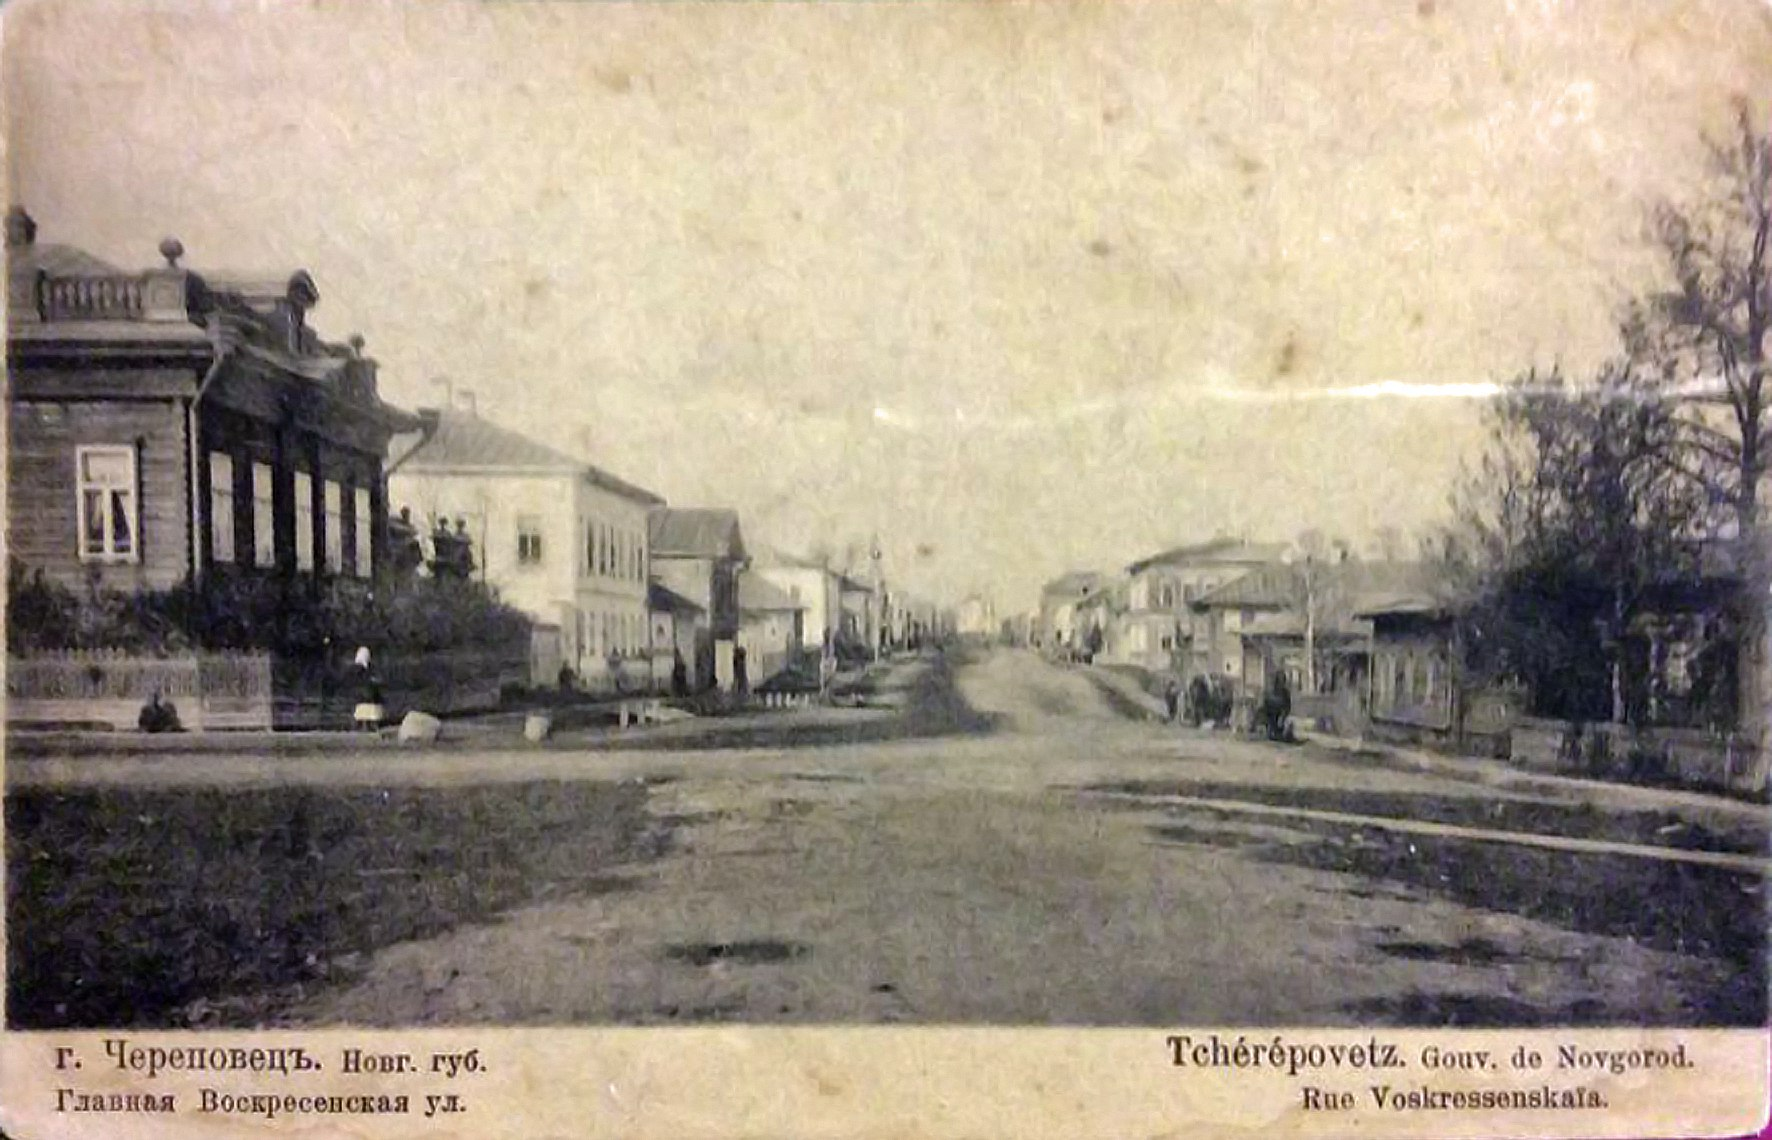 Главная Воскресенская улица